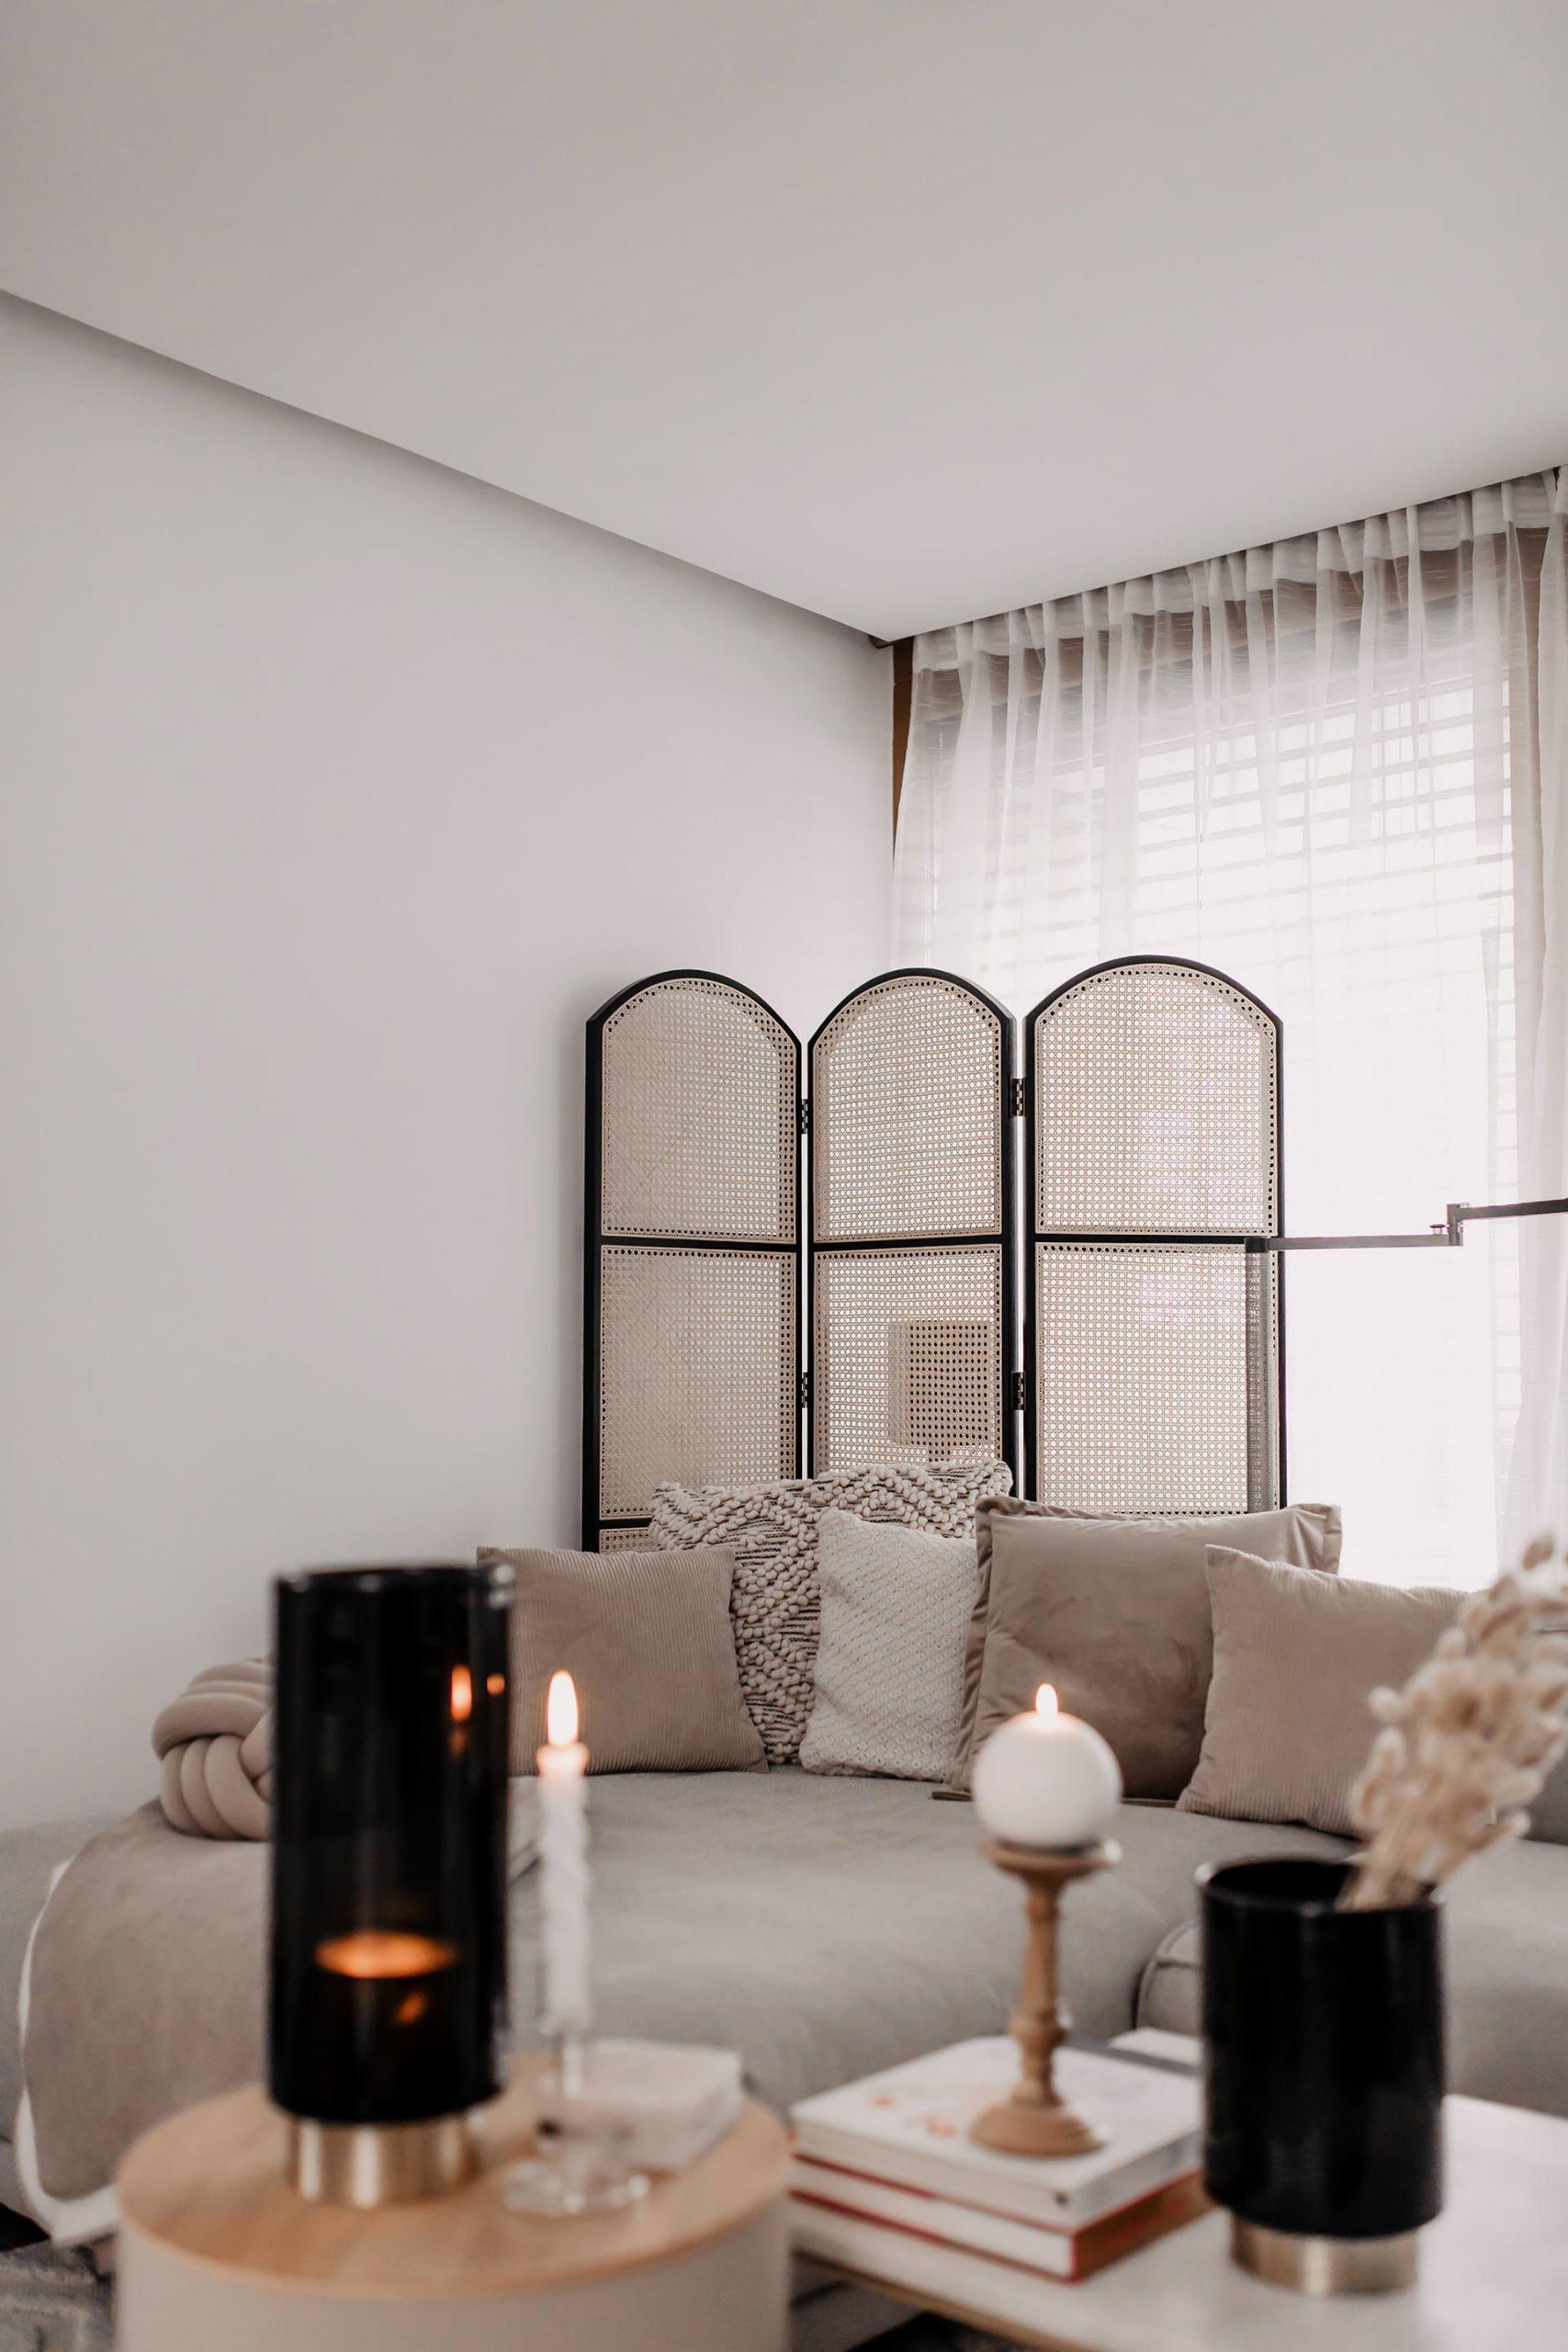 Anzeige. Dekoideen fürs Wohnzimmer gibt es viele. Sehr viele sogar. Auf dem Interiorblog stelle ich dir 8 praktische Wohntipps für zu Hause vor. So wird's richtig gemütlich. www.whoismocca.com